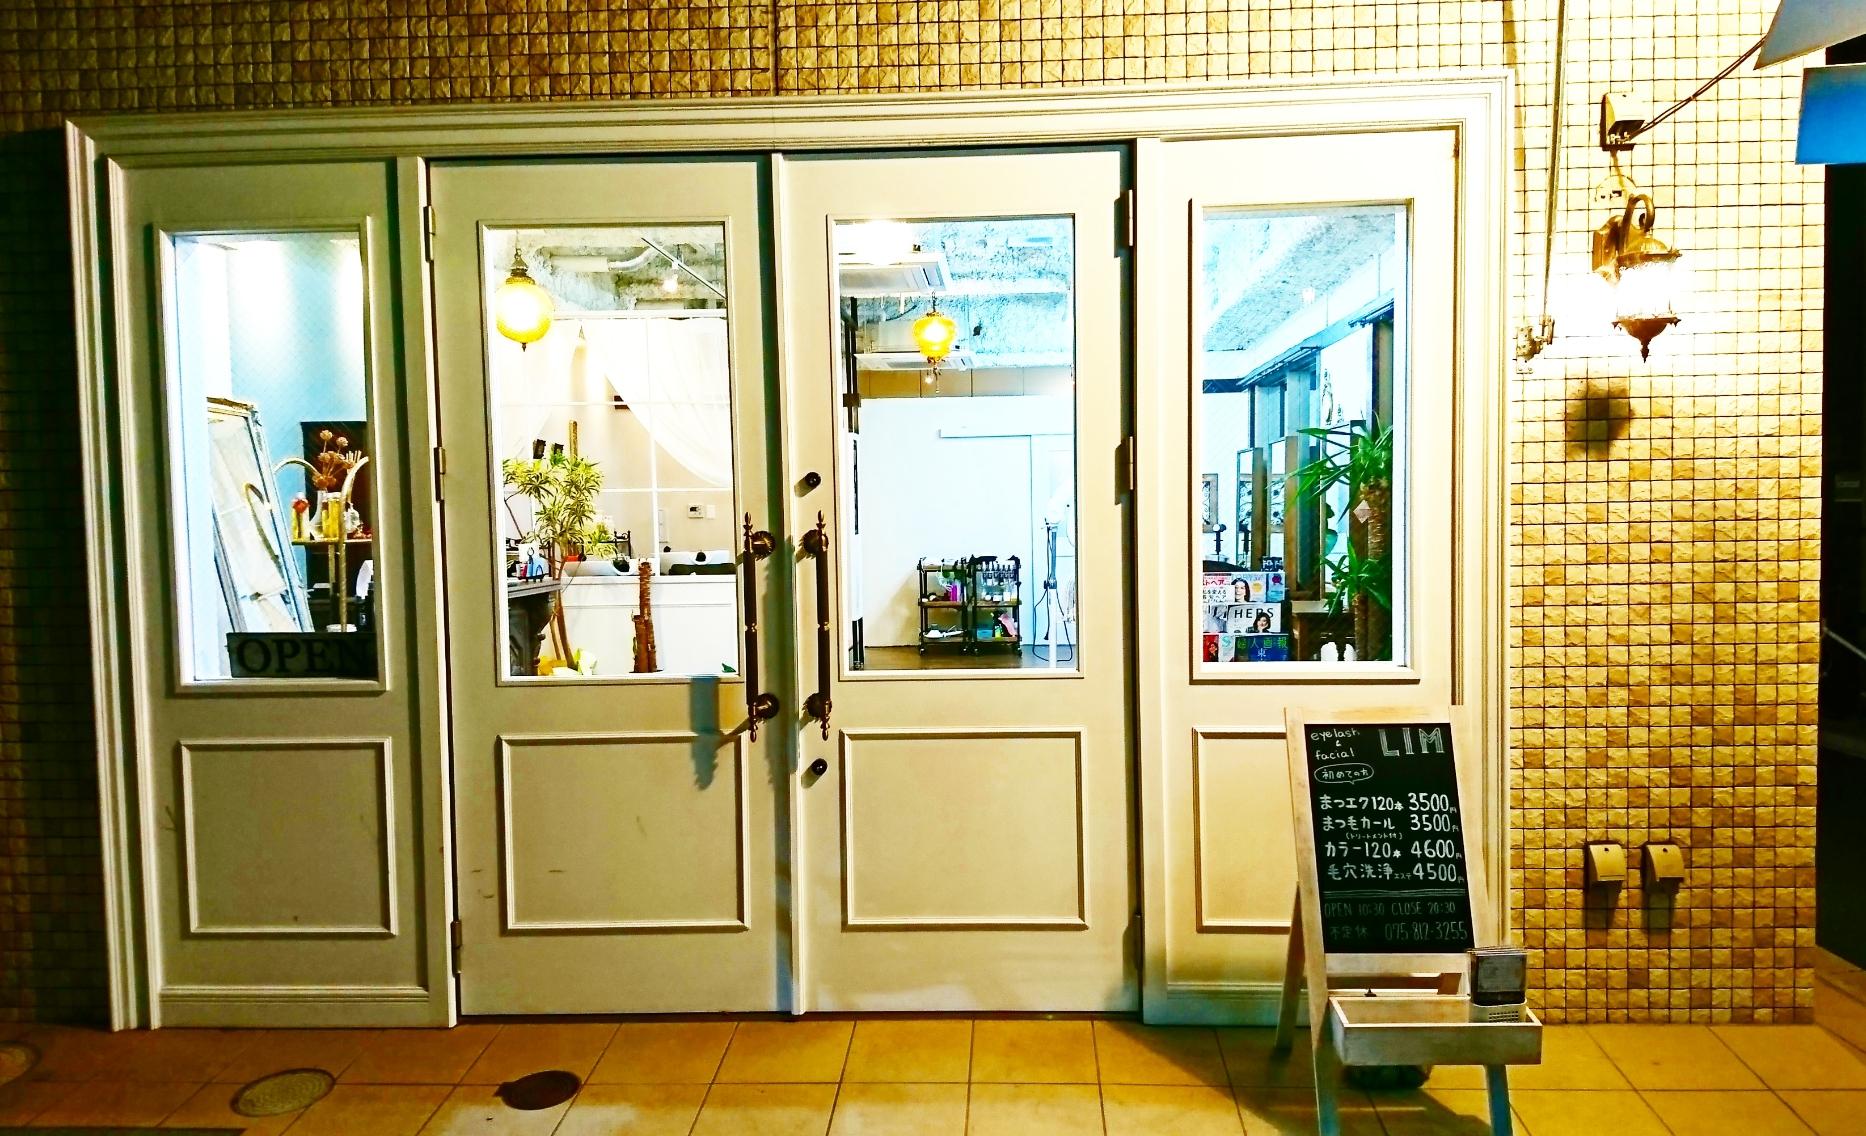 まつげ & フェイシャル Lim二条店